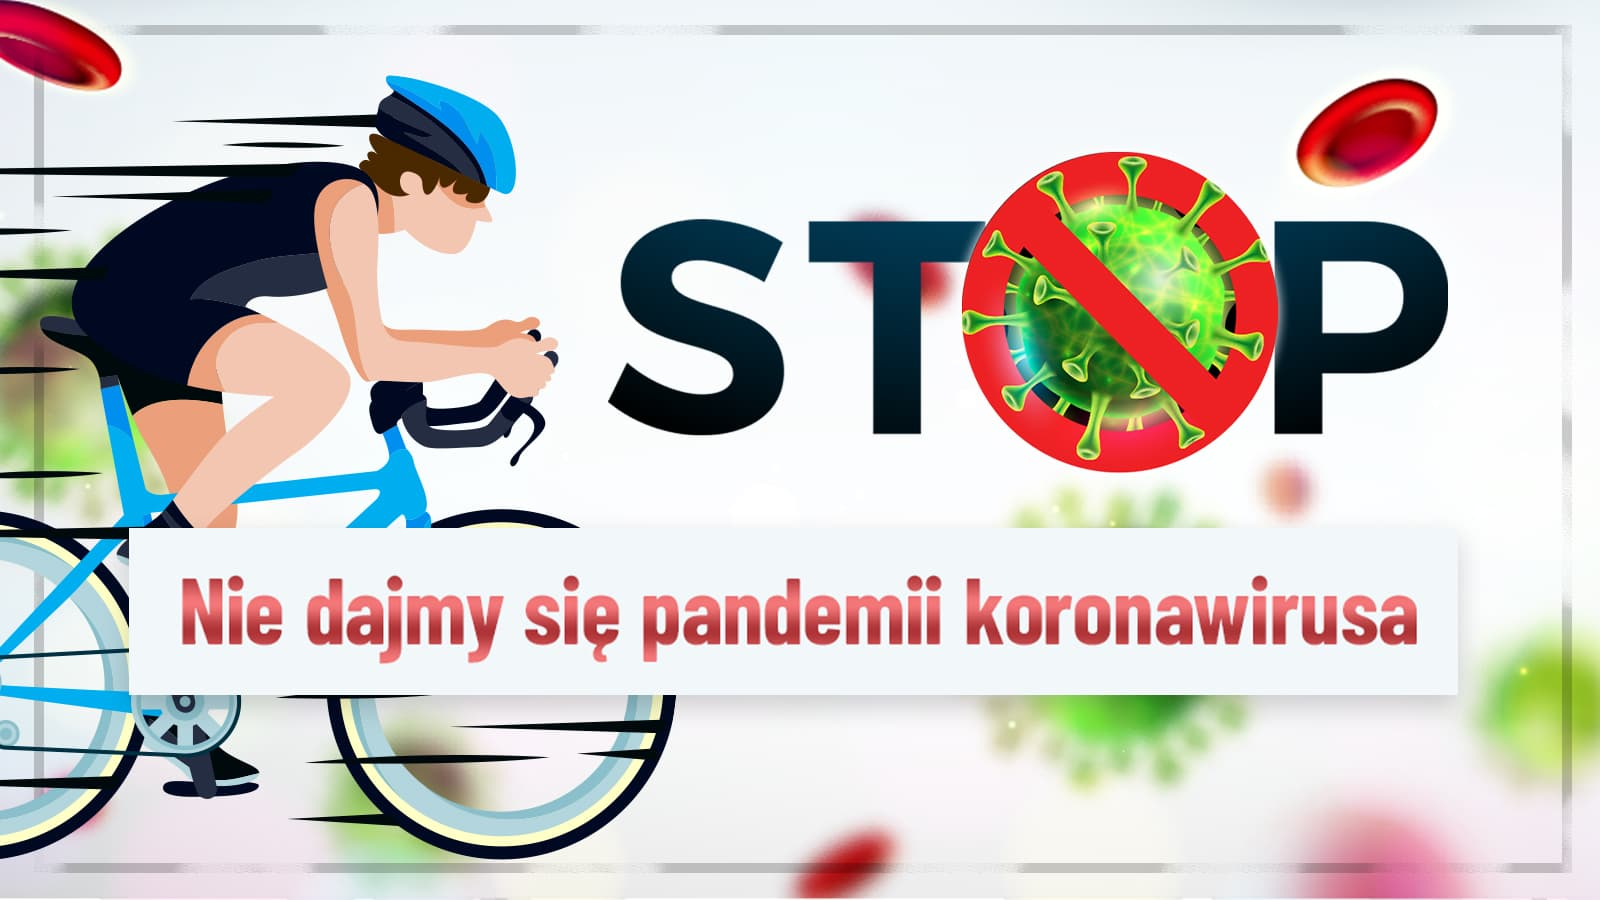 Nie dajmy się pandemii koronawirusa. Jazda na rowerze podnosi naszą odporność